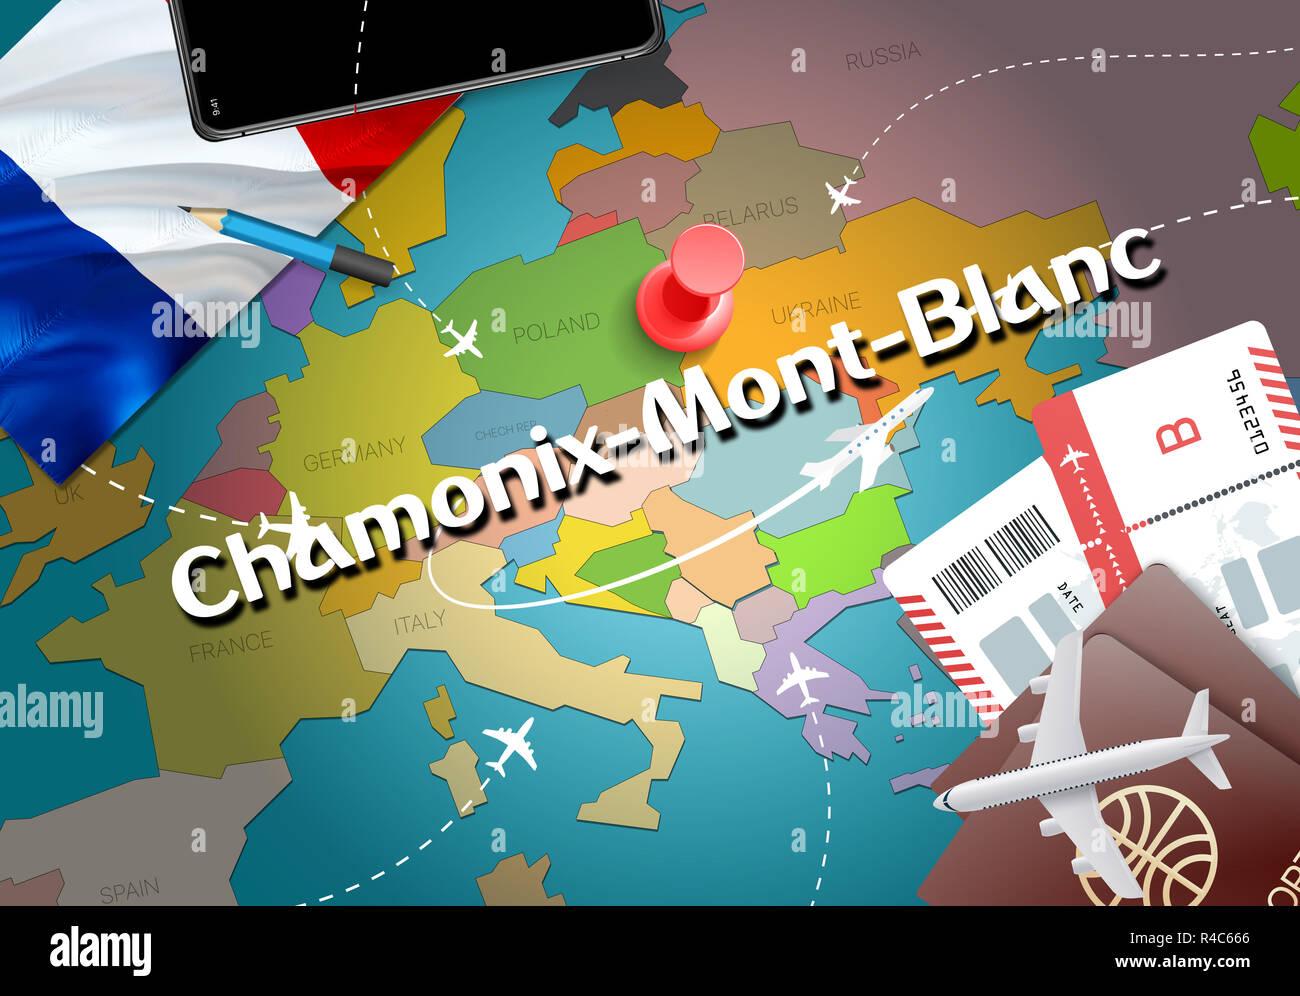 Mont Blanc France Map.Chamonix Mont Blanc City Travel And Tourism Destination Concept